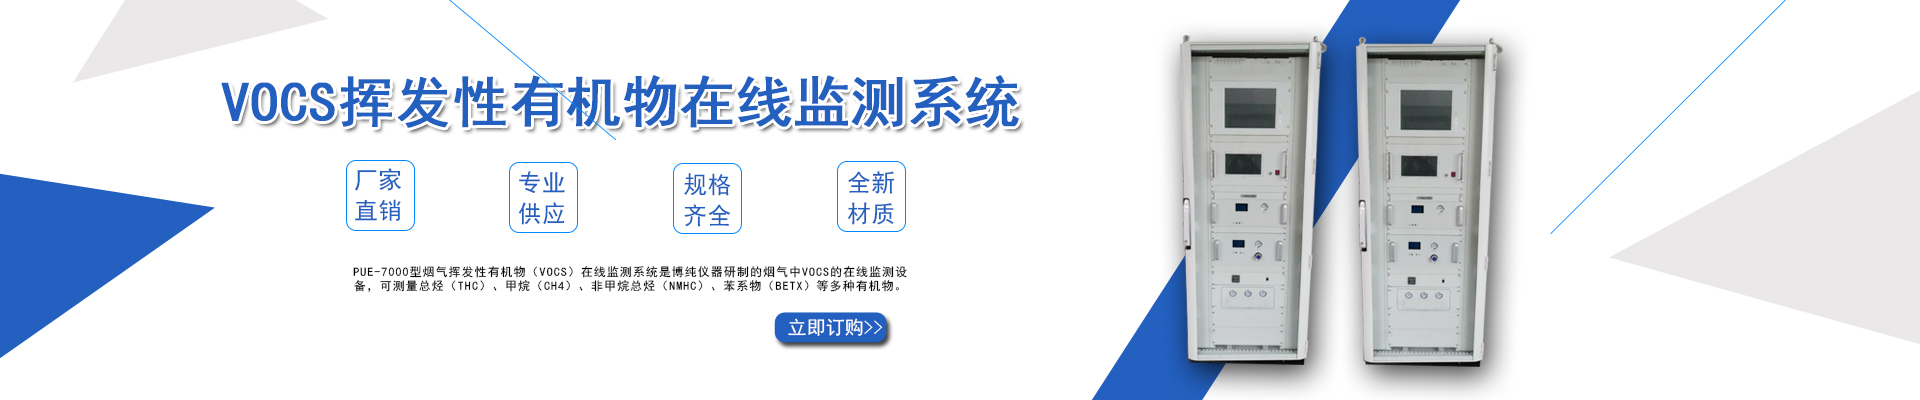 西安博纯科技有限公司